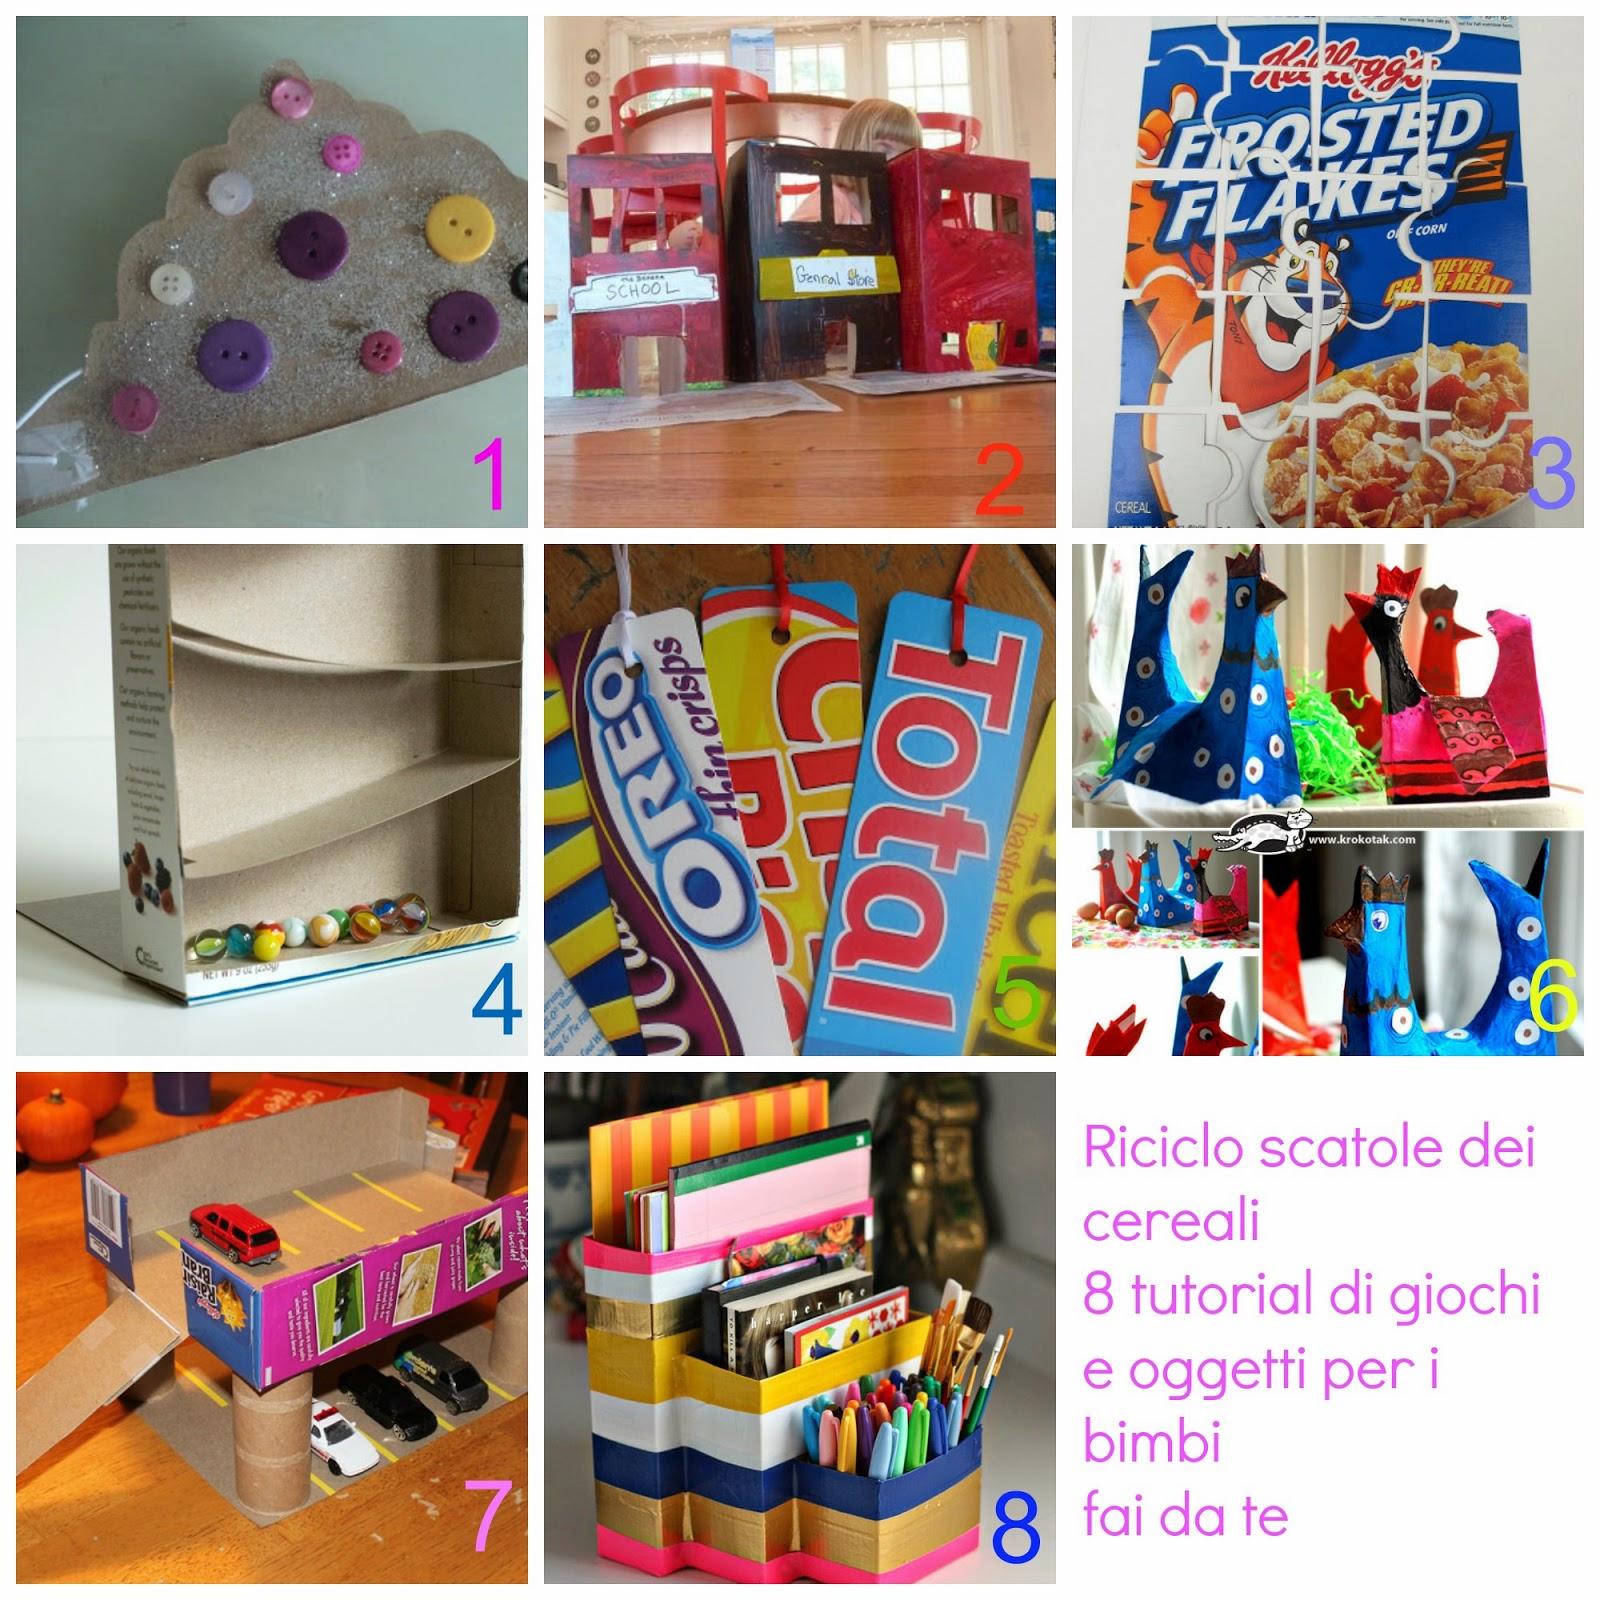 Conosciuto Riciclo scatole cereali - 8 tutorial di giochi e oggetti da fare  ZM15